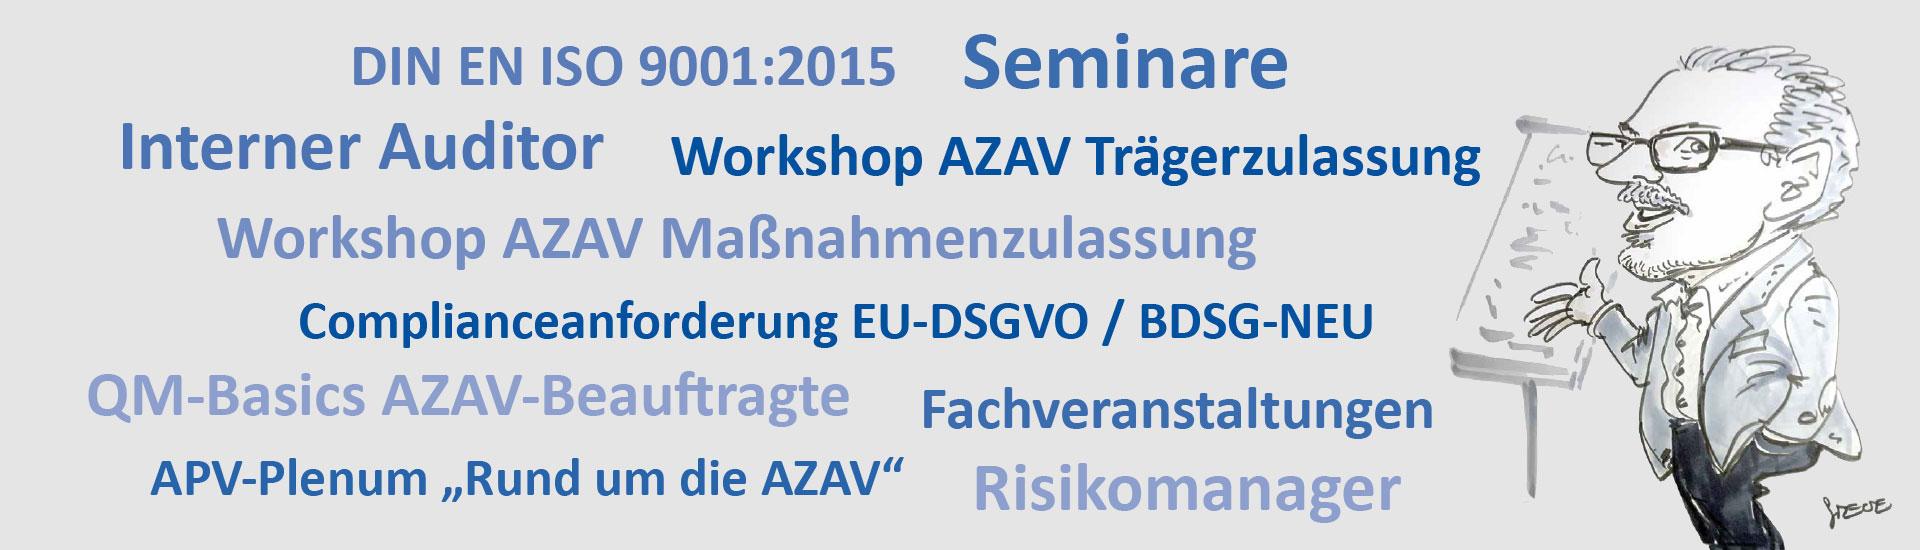 Begriffe zum Thema Seminare